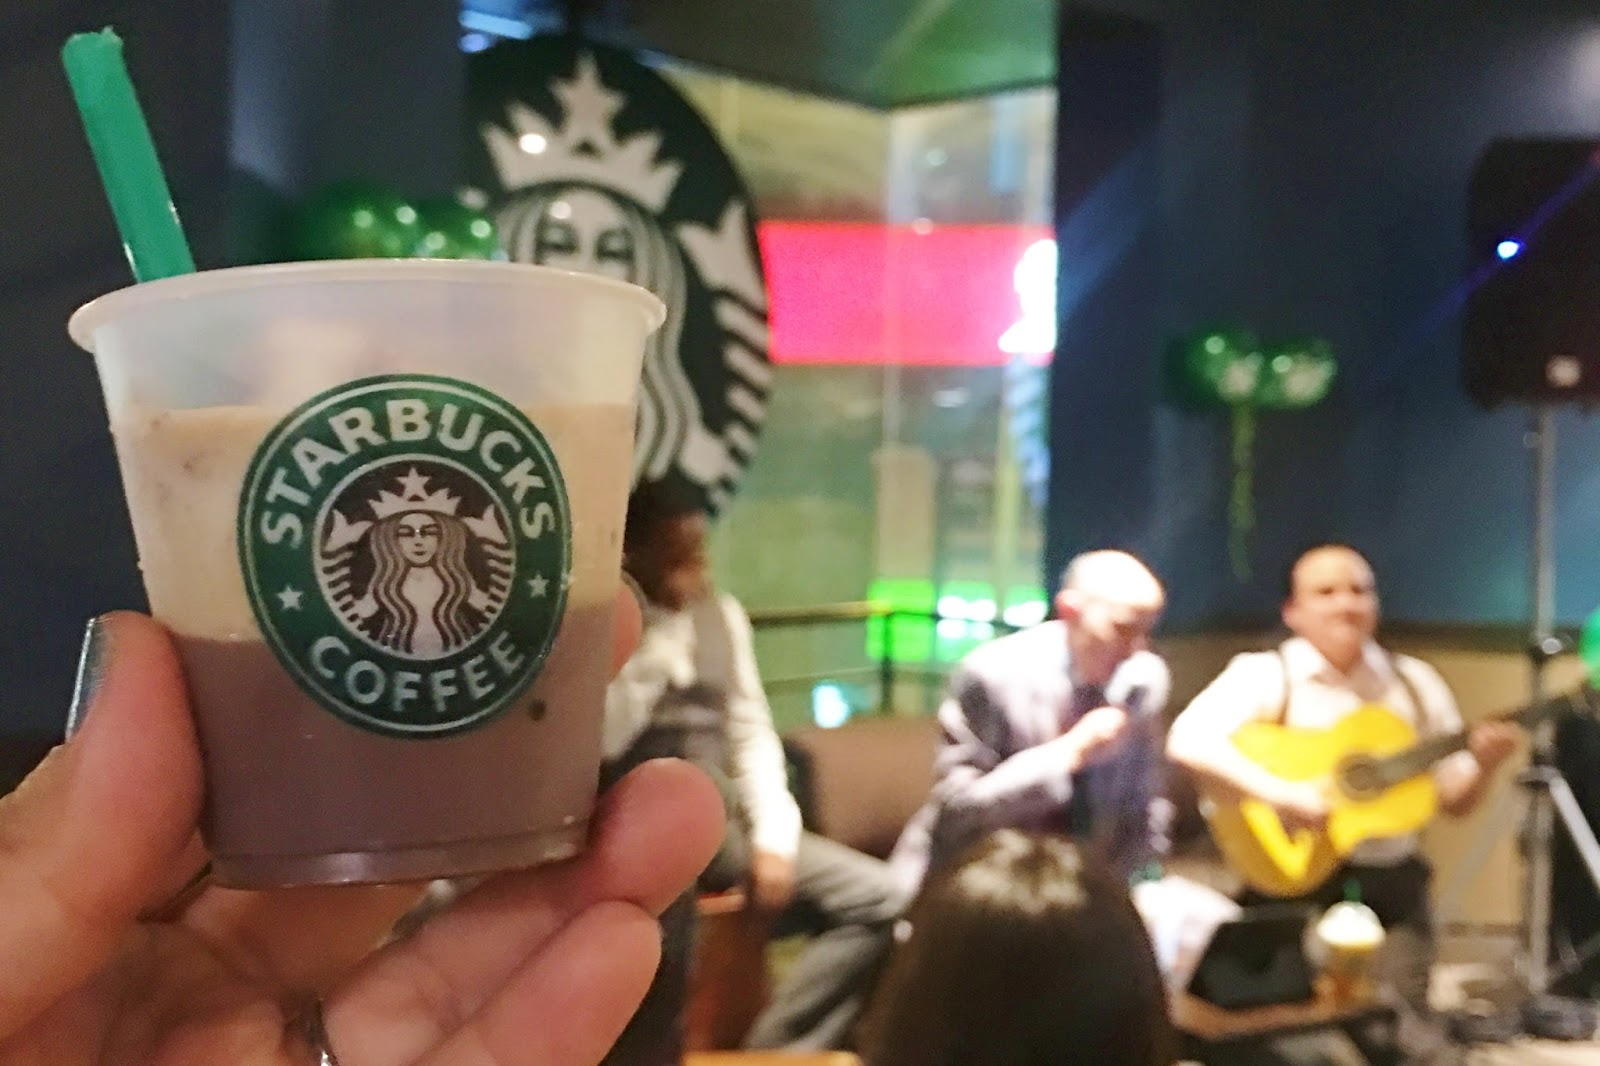 #FrappuccinosPeruanos - Starbucks Los Juanelos Música Criolla Perú Lima Miraflores Cafe Frap Frappuccino Summer friends bloggers